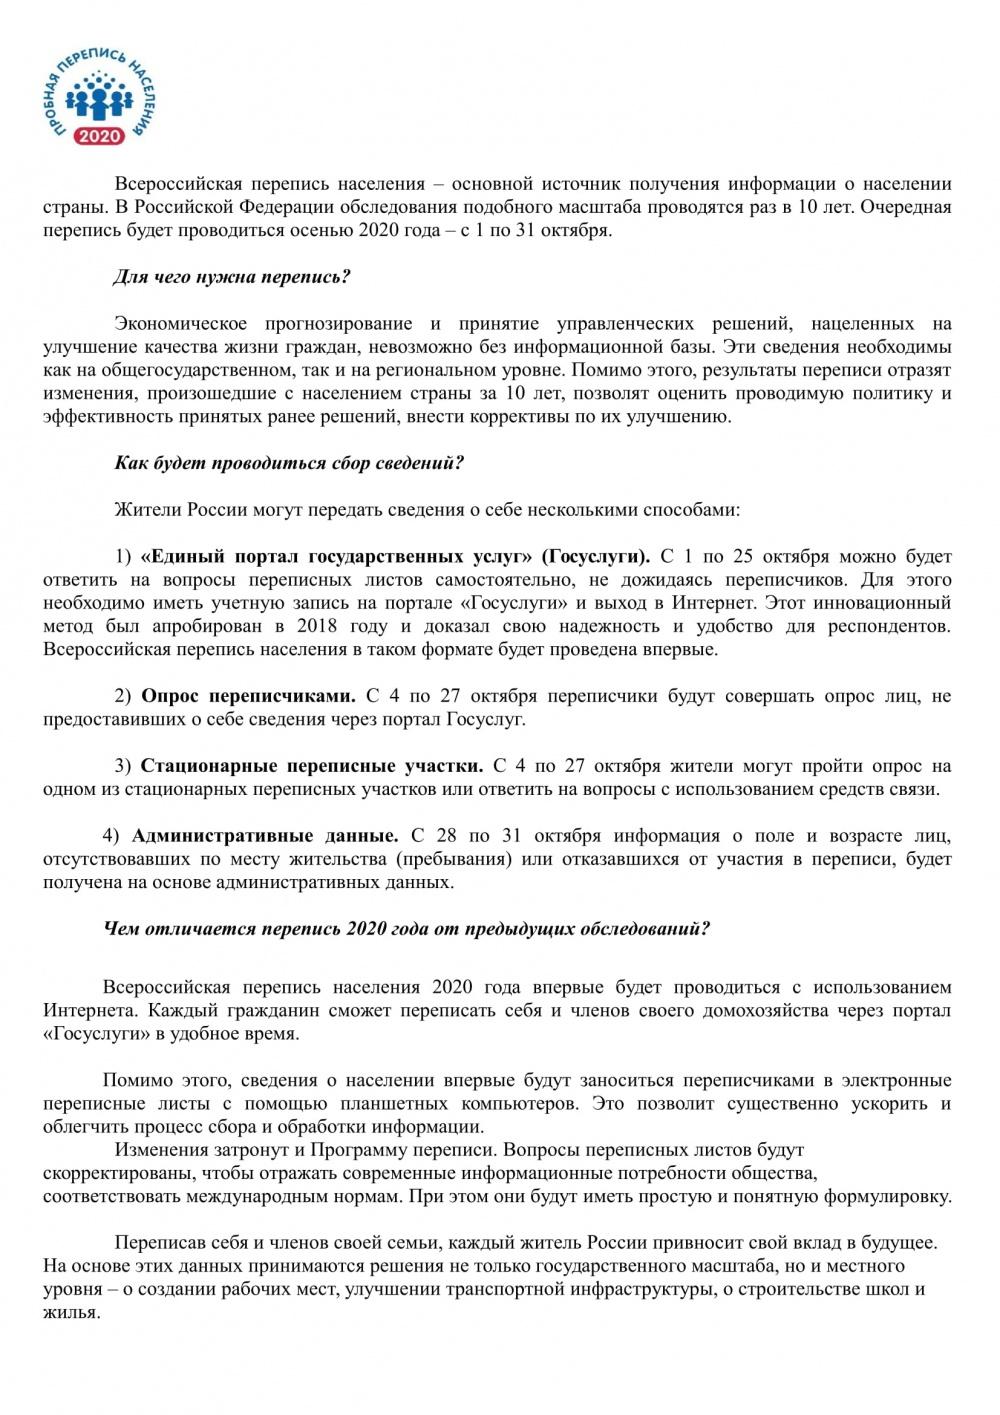 Всероссийская перепись 2020г